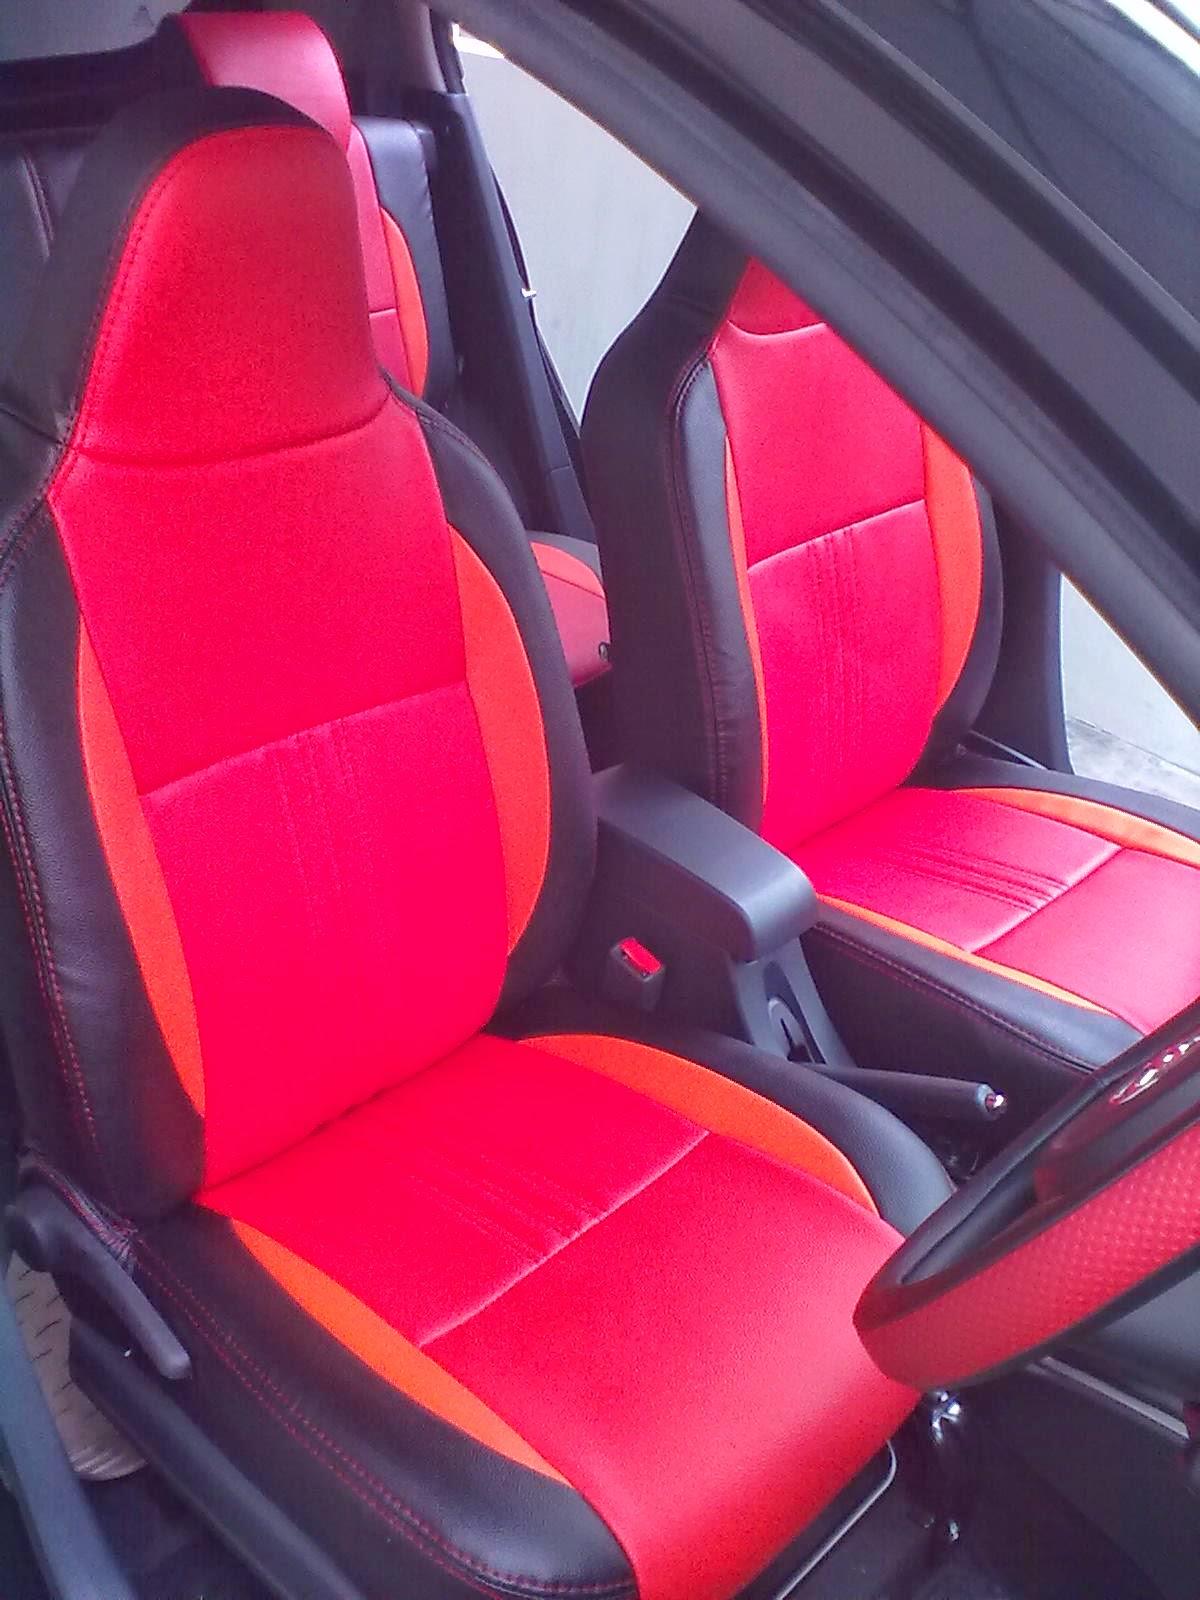 New Agya G Vs Trd Grand Avanza 2015 Gambar Modifikasi Jok Toyota Terlengkap | ...